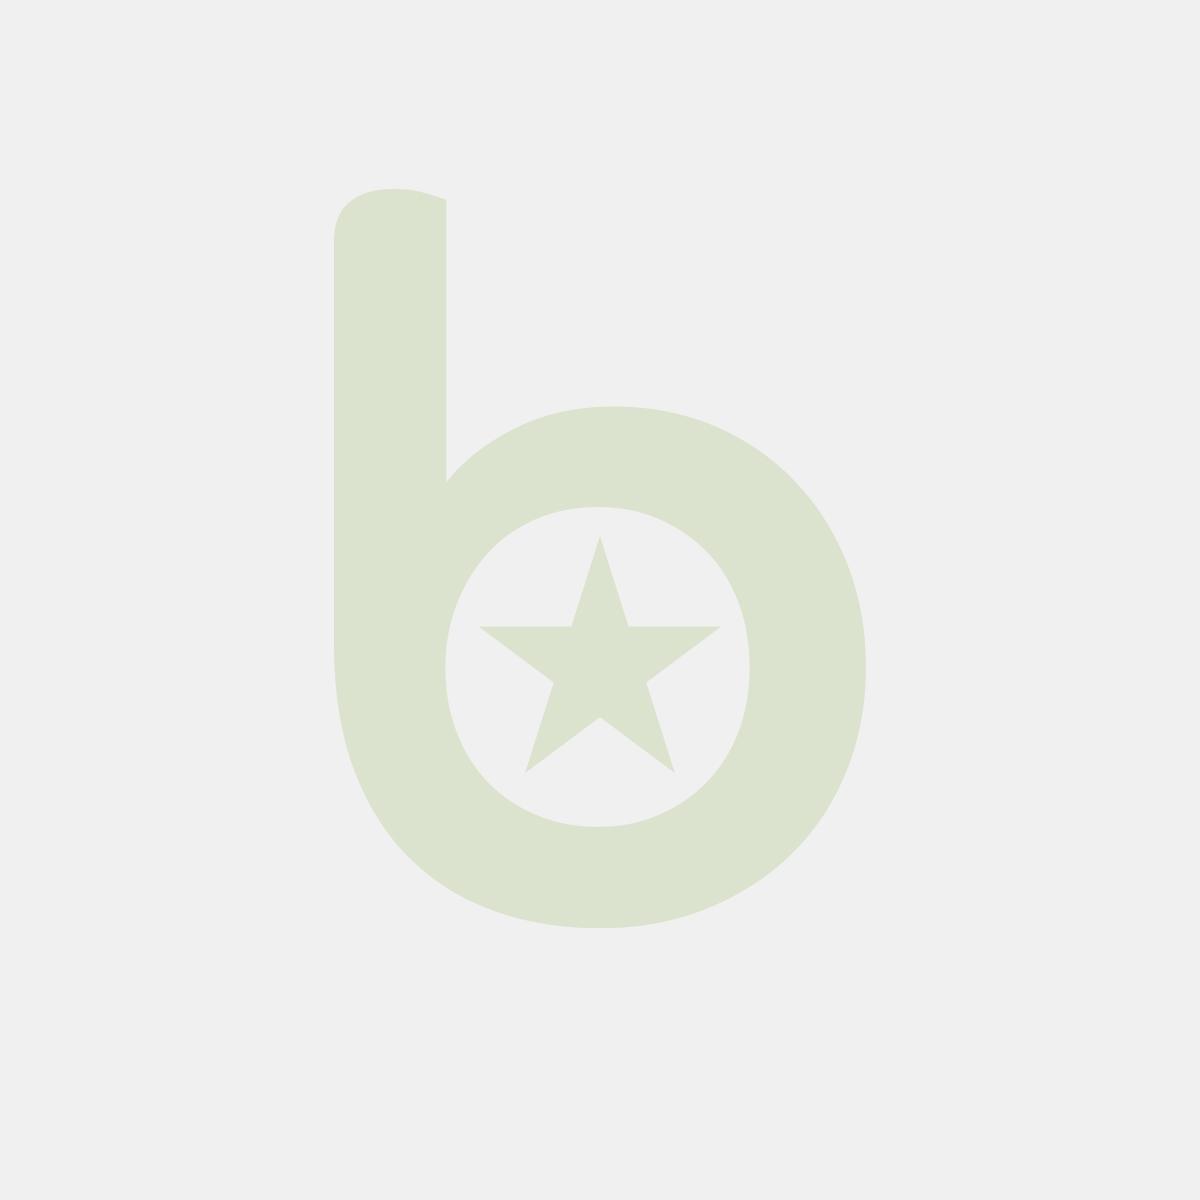 CUKIER TRZCINOWY w saszetkach 50x70 mm 5g, cena za opakowanie 1000szt